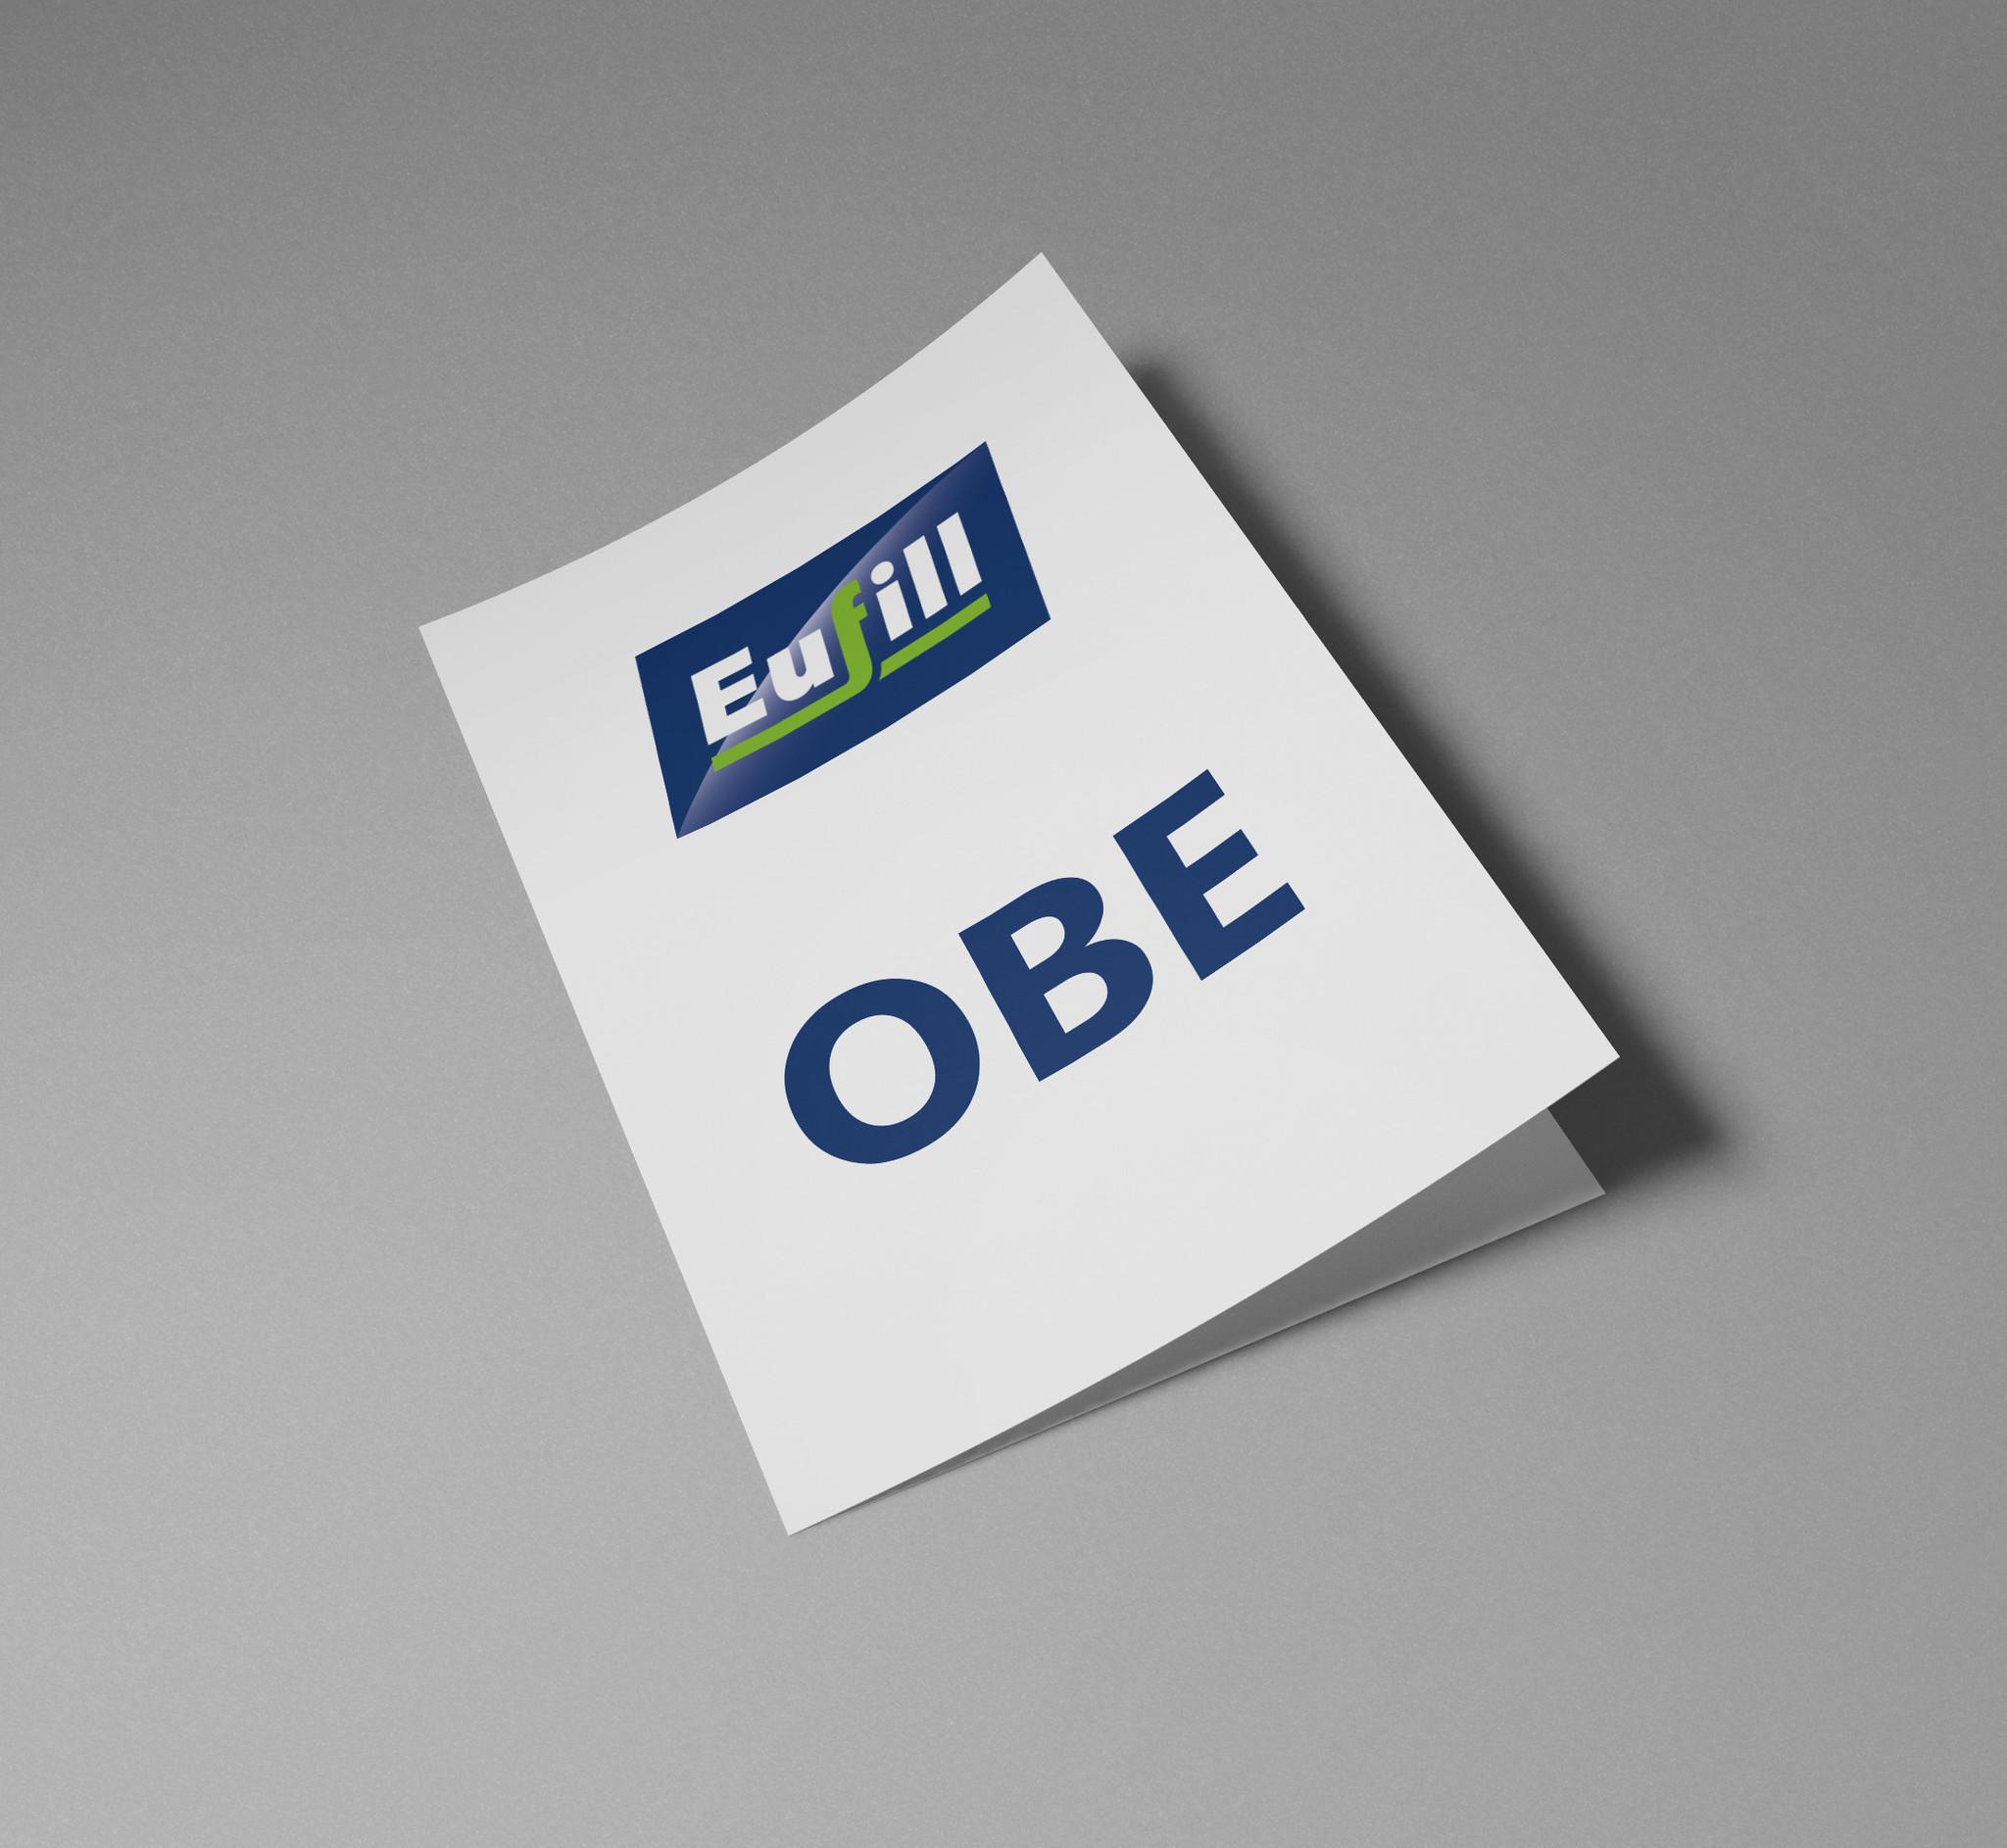 Originals by email - Meer informatie